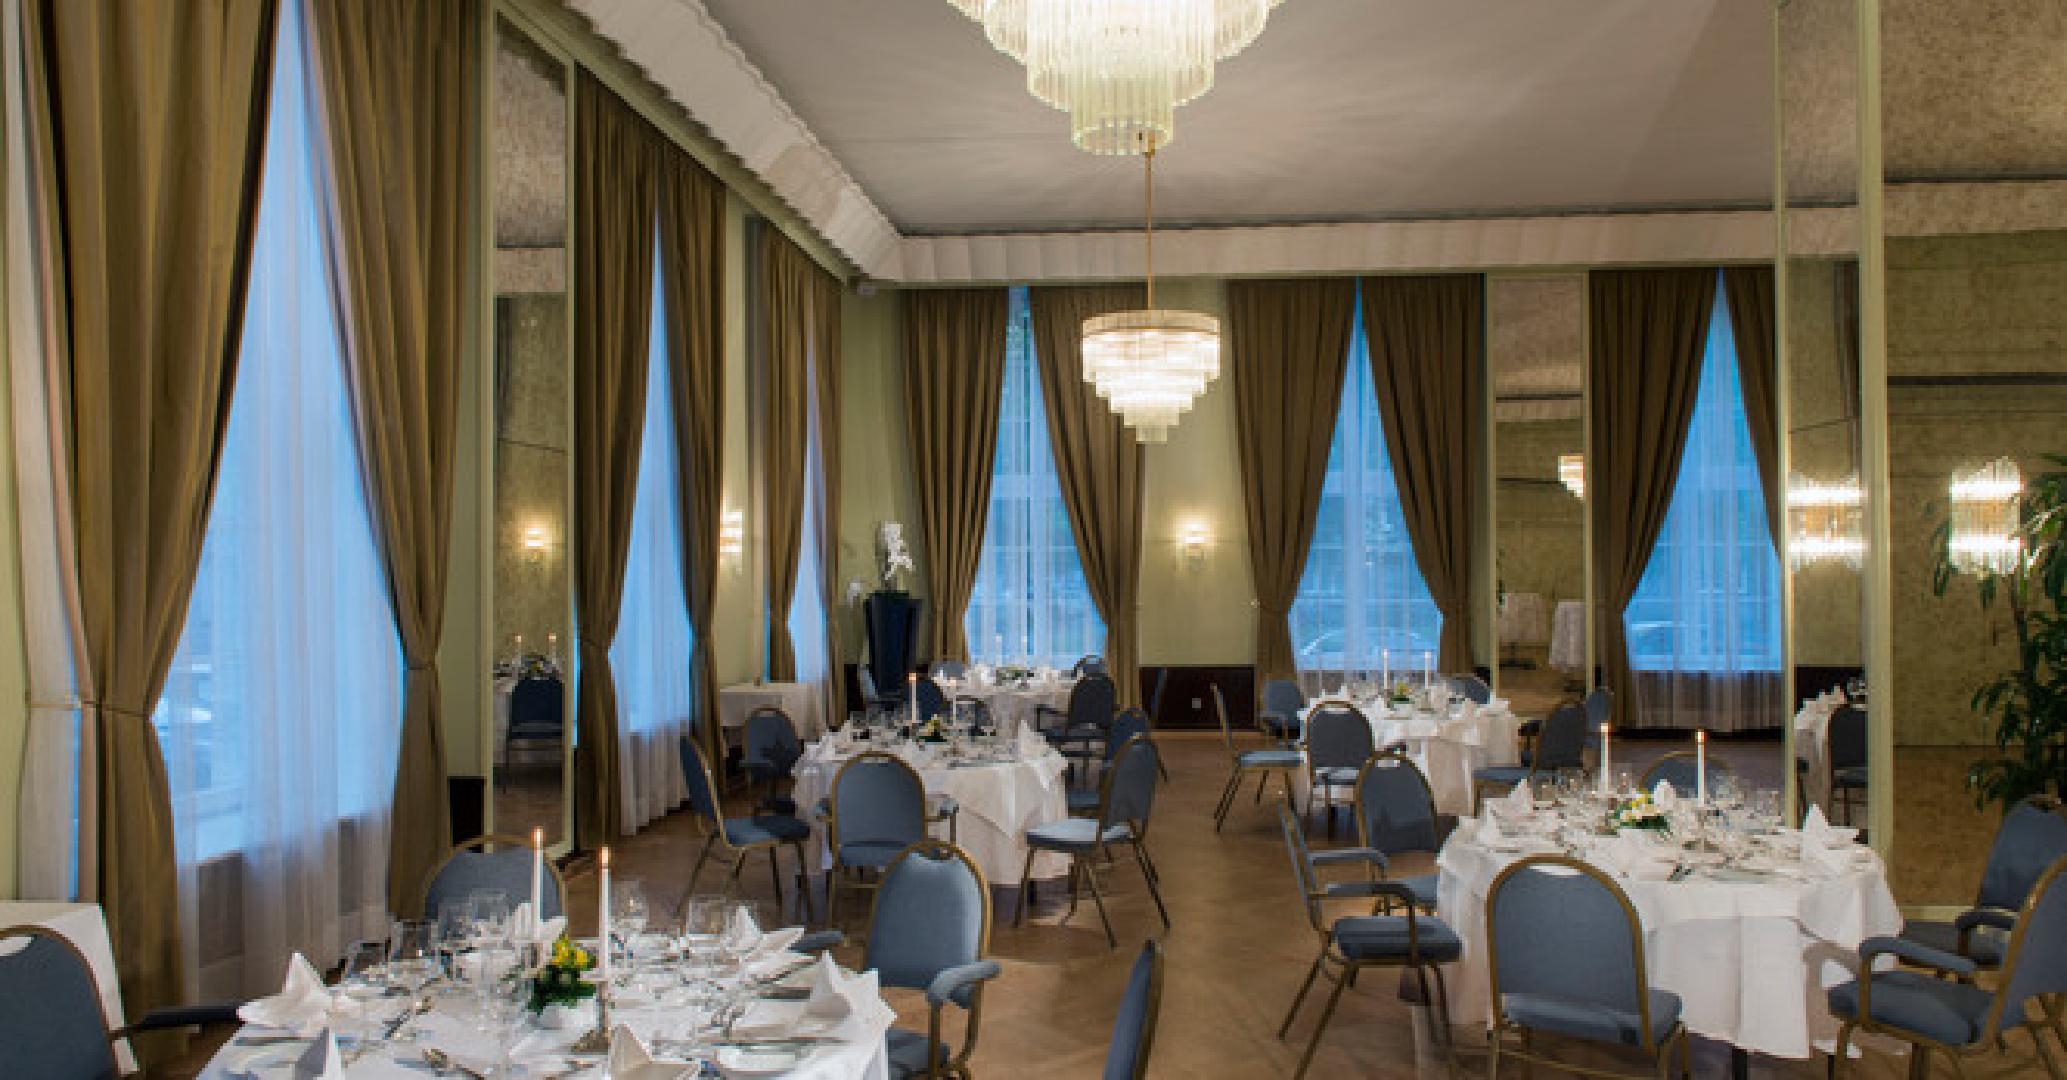 Bild 2 von Grand City Hotel Duisburger Hof